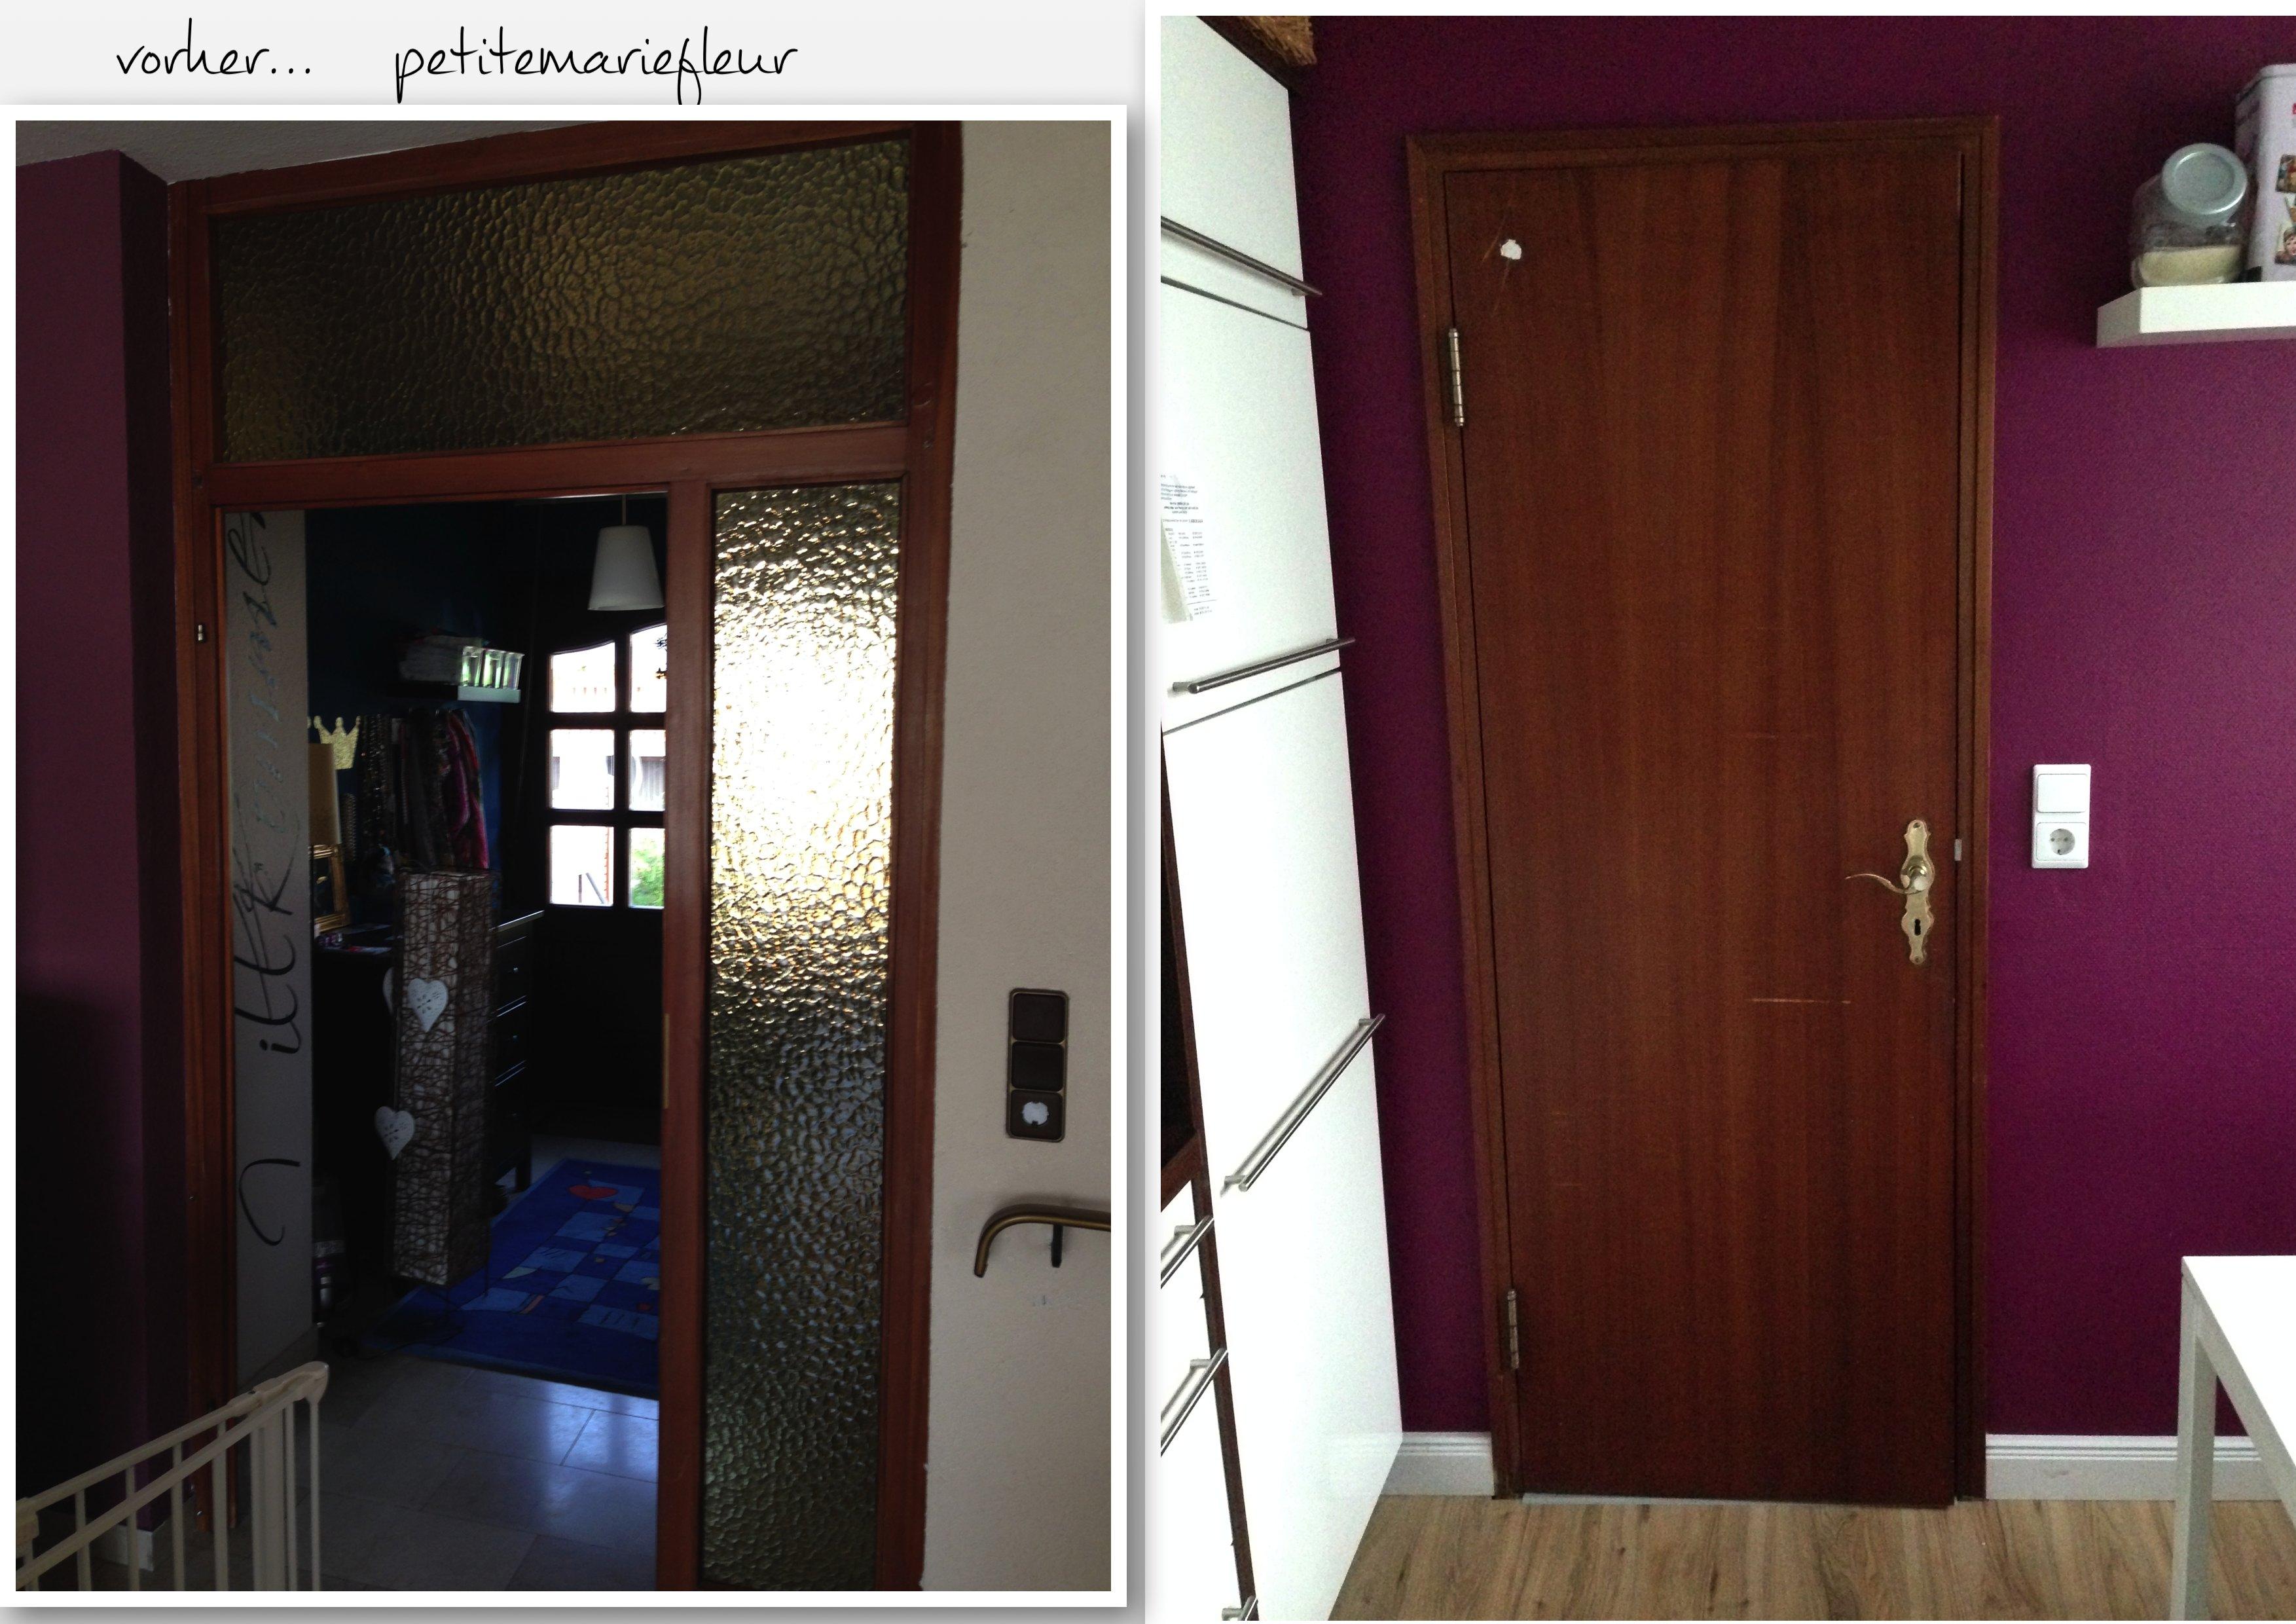 diy neue t ren und glasscheiben bekleben petite marie fleur. Black Bedroom Furniture Sets. Home Design Ideas